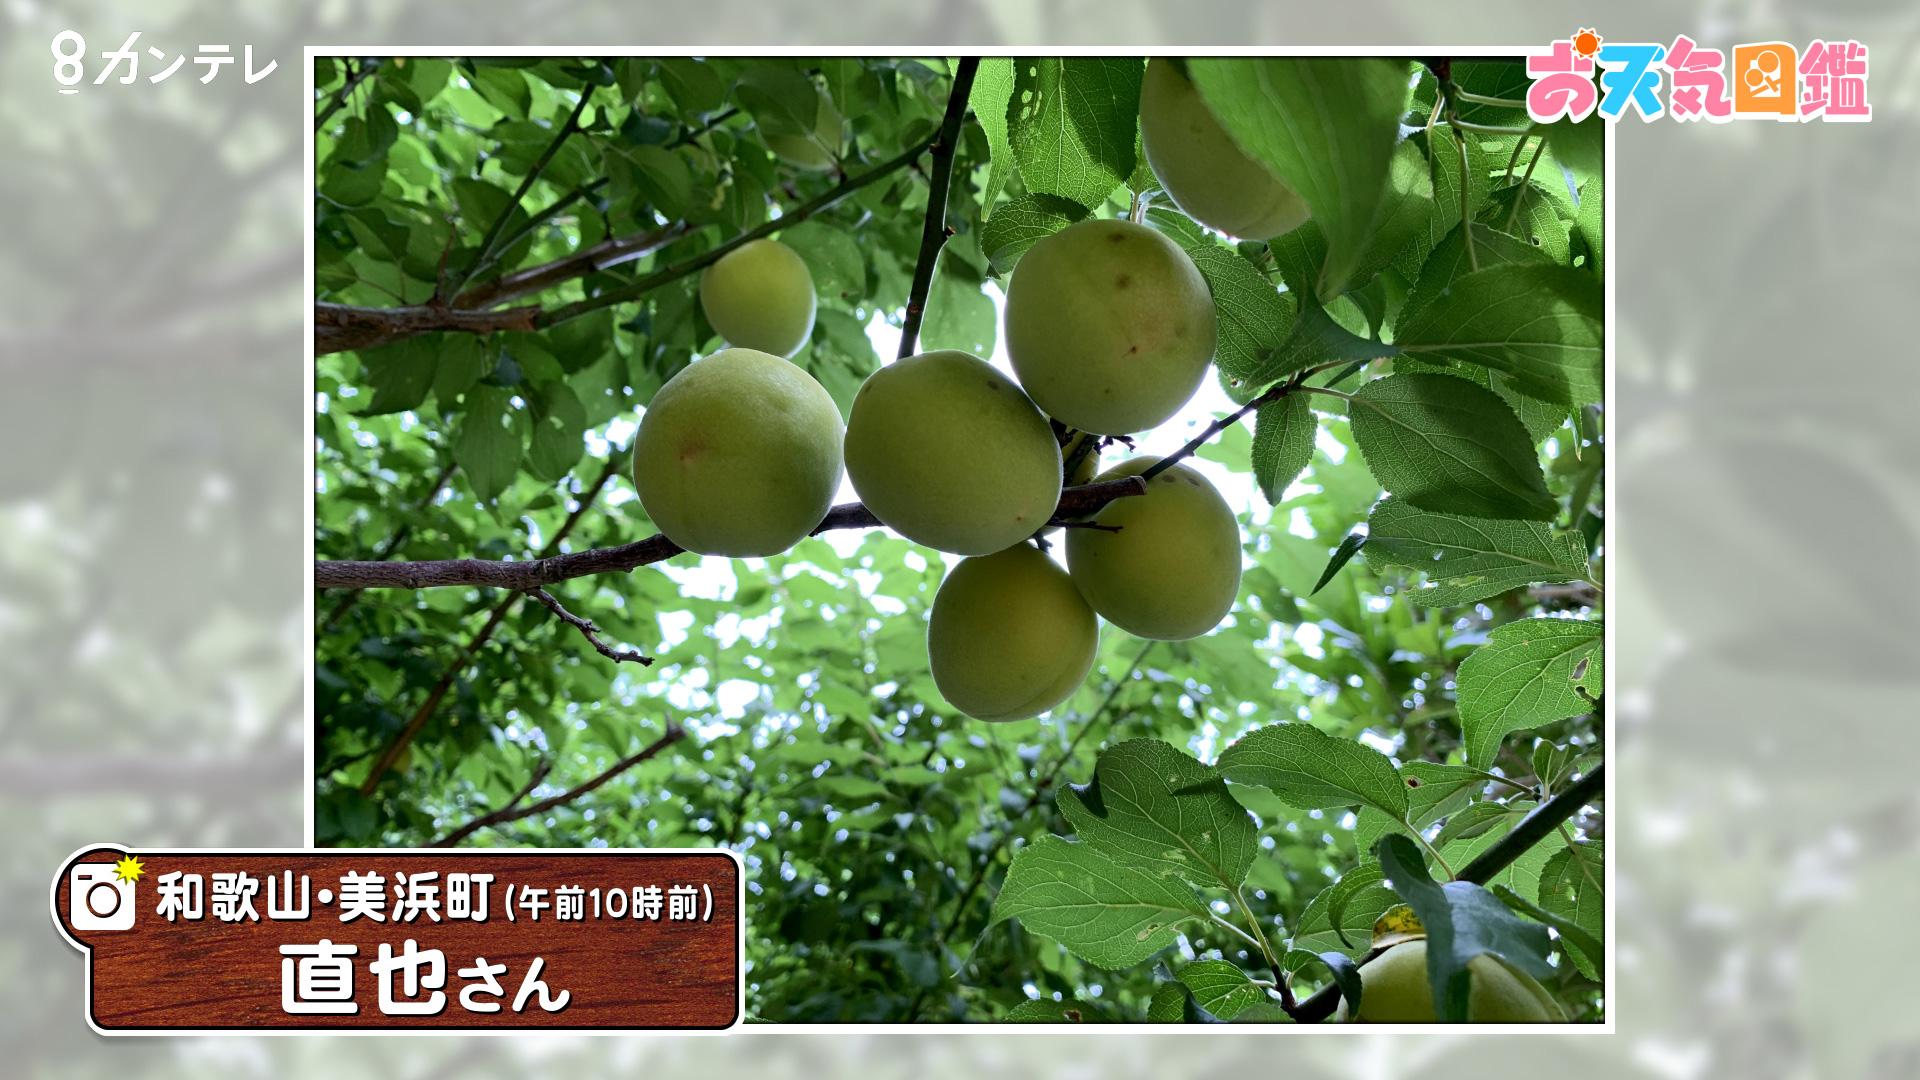 「梅雨入り前に慌てて収穫」(和歌山・美浜町)